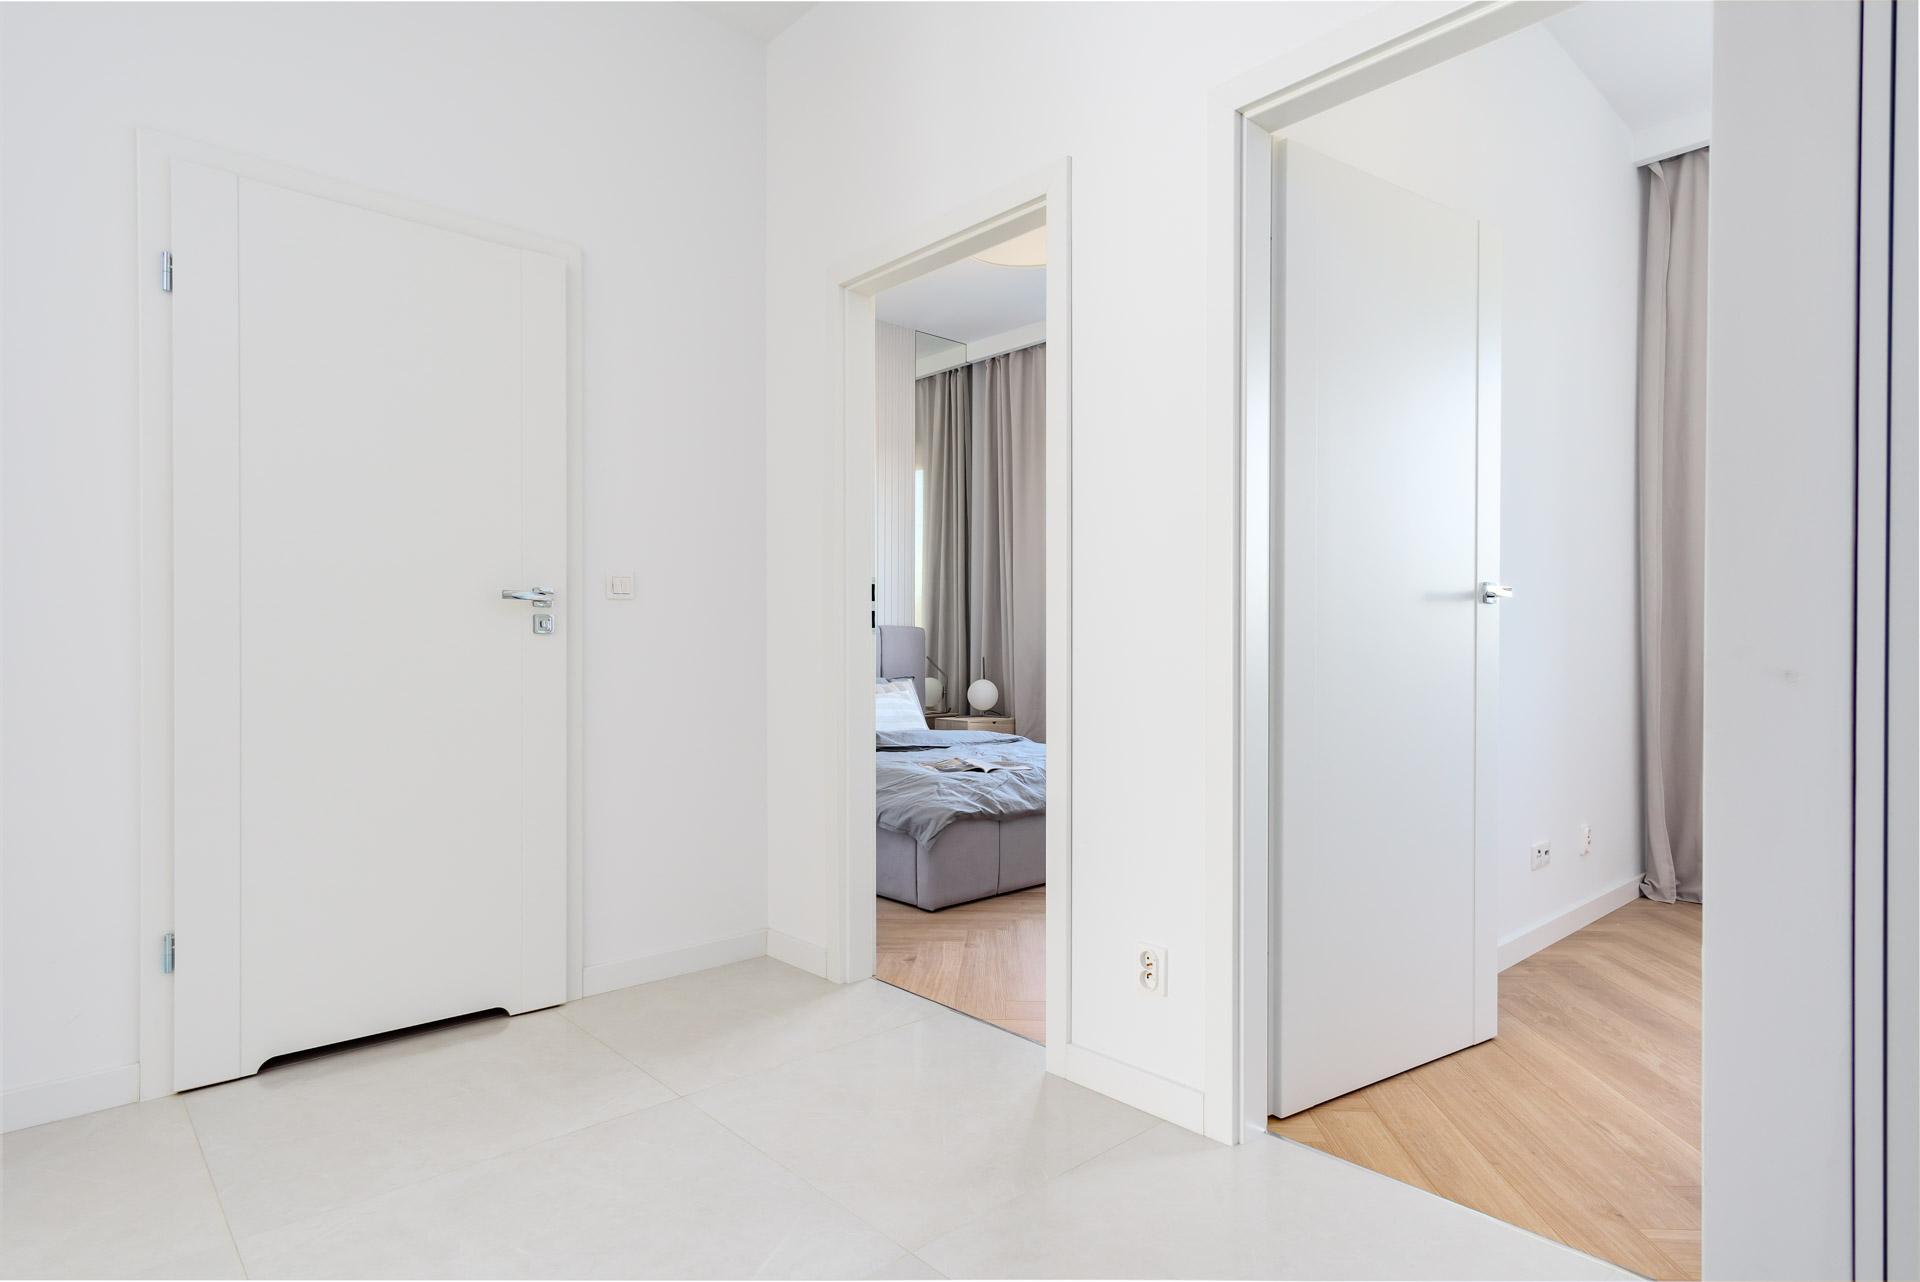 Mieszkanie wykończone pod klucz